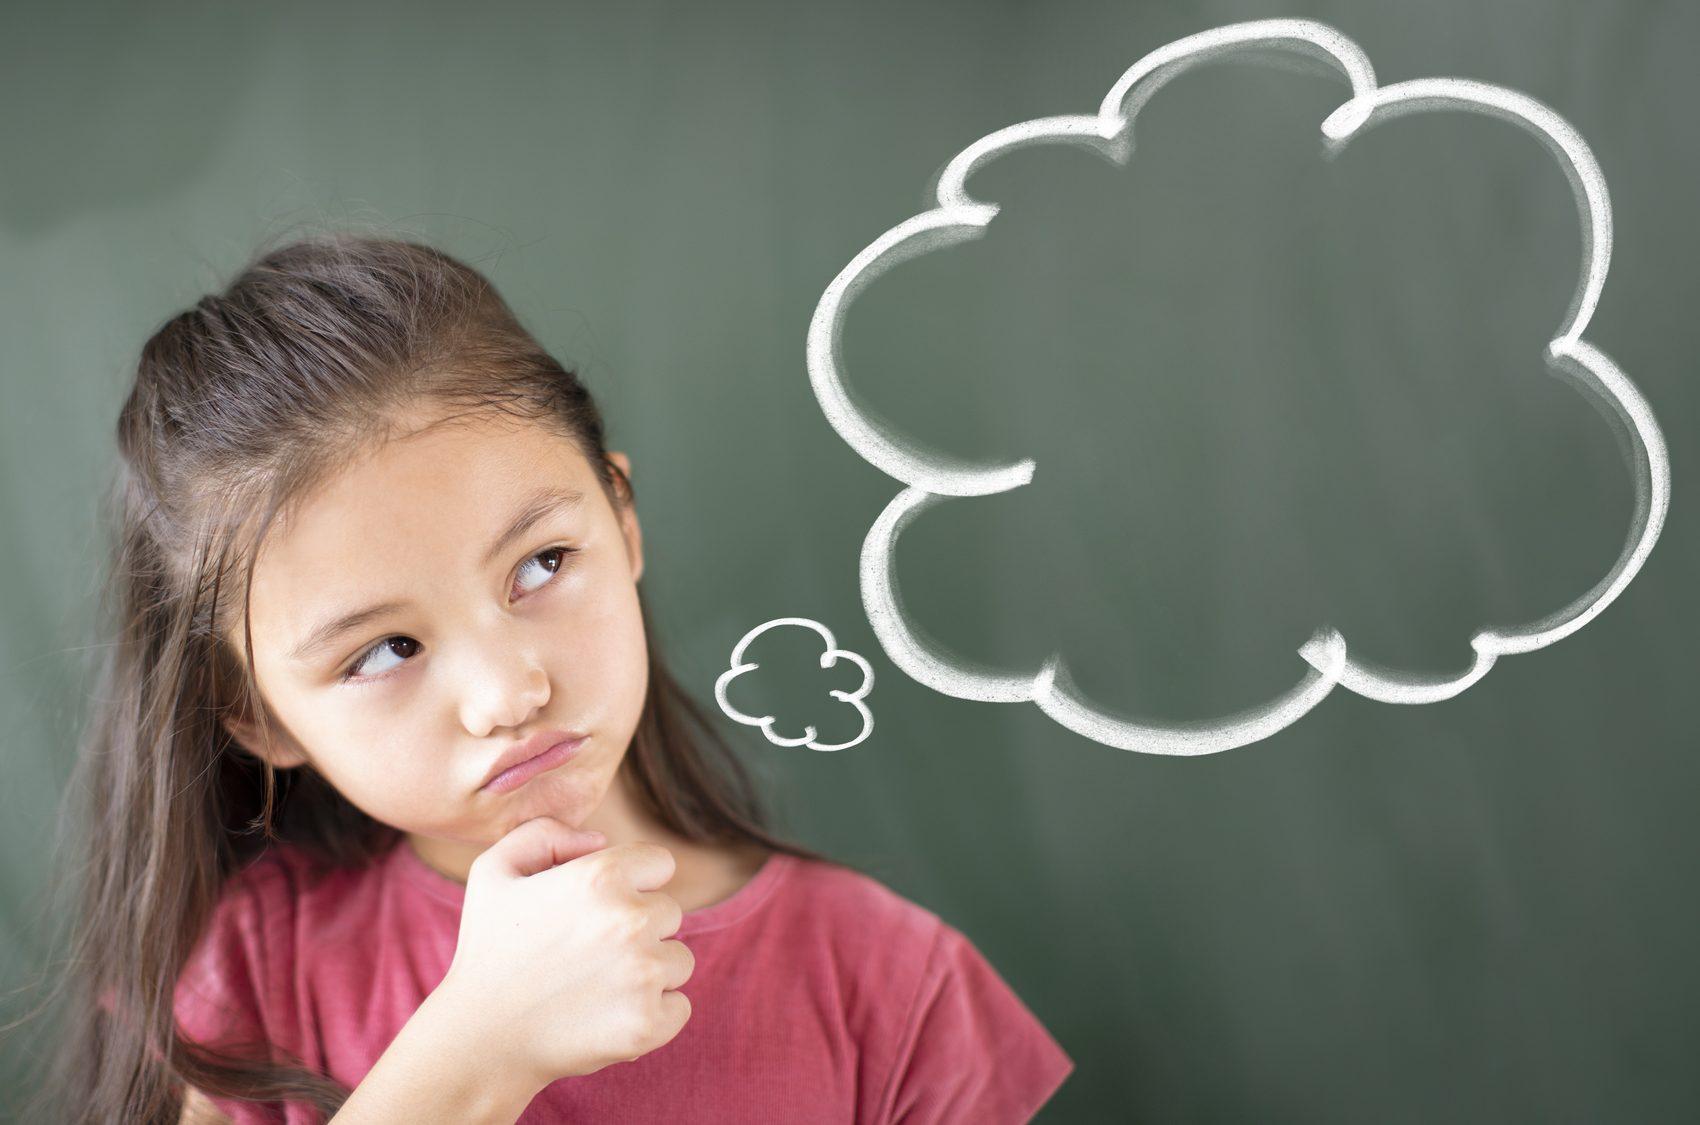 Bambina che pensa a indovinelli per bambini in rima